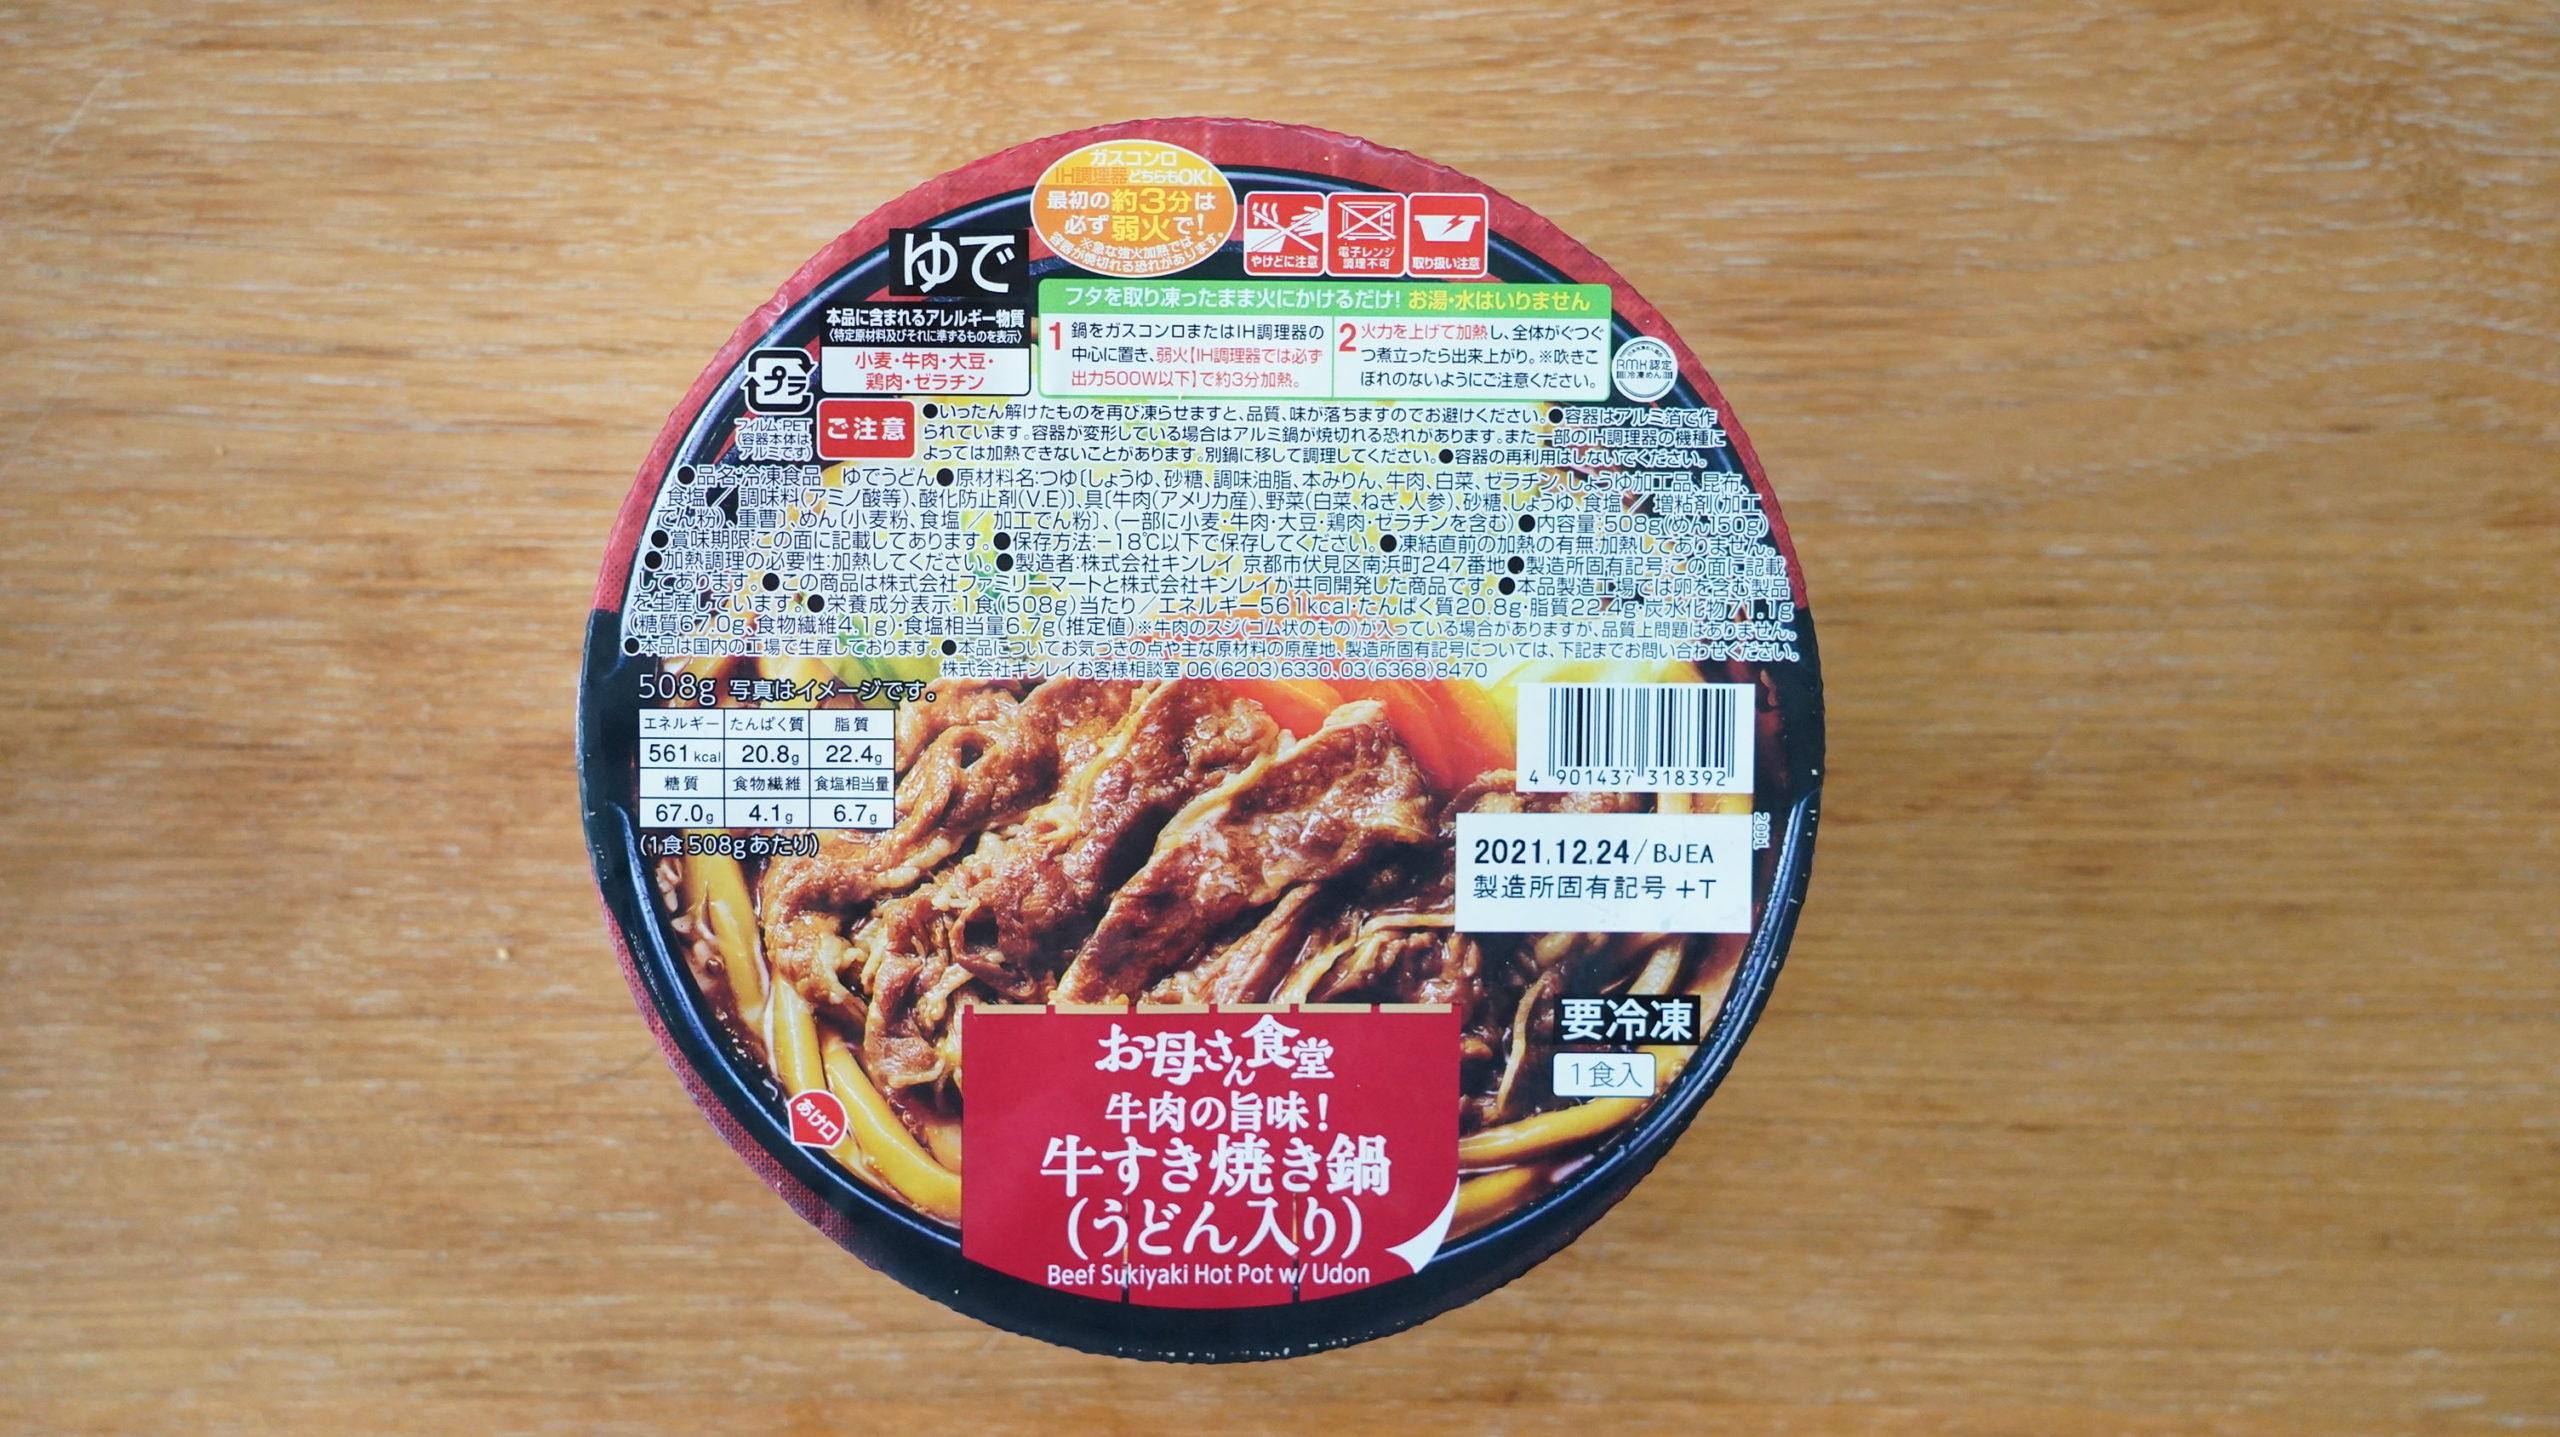 ファミリーマートの冷凍食品「牛肉の旨味!牛すき焼き鍋(うどん入り)」のパッケージ写真